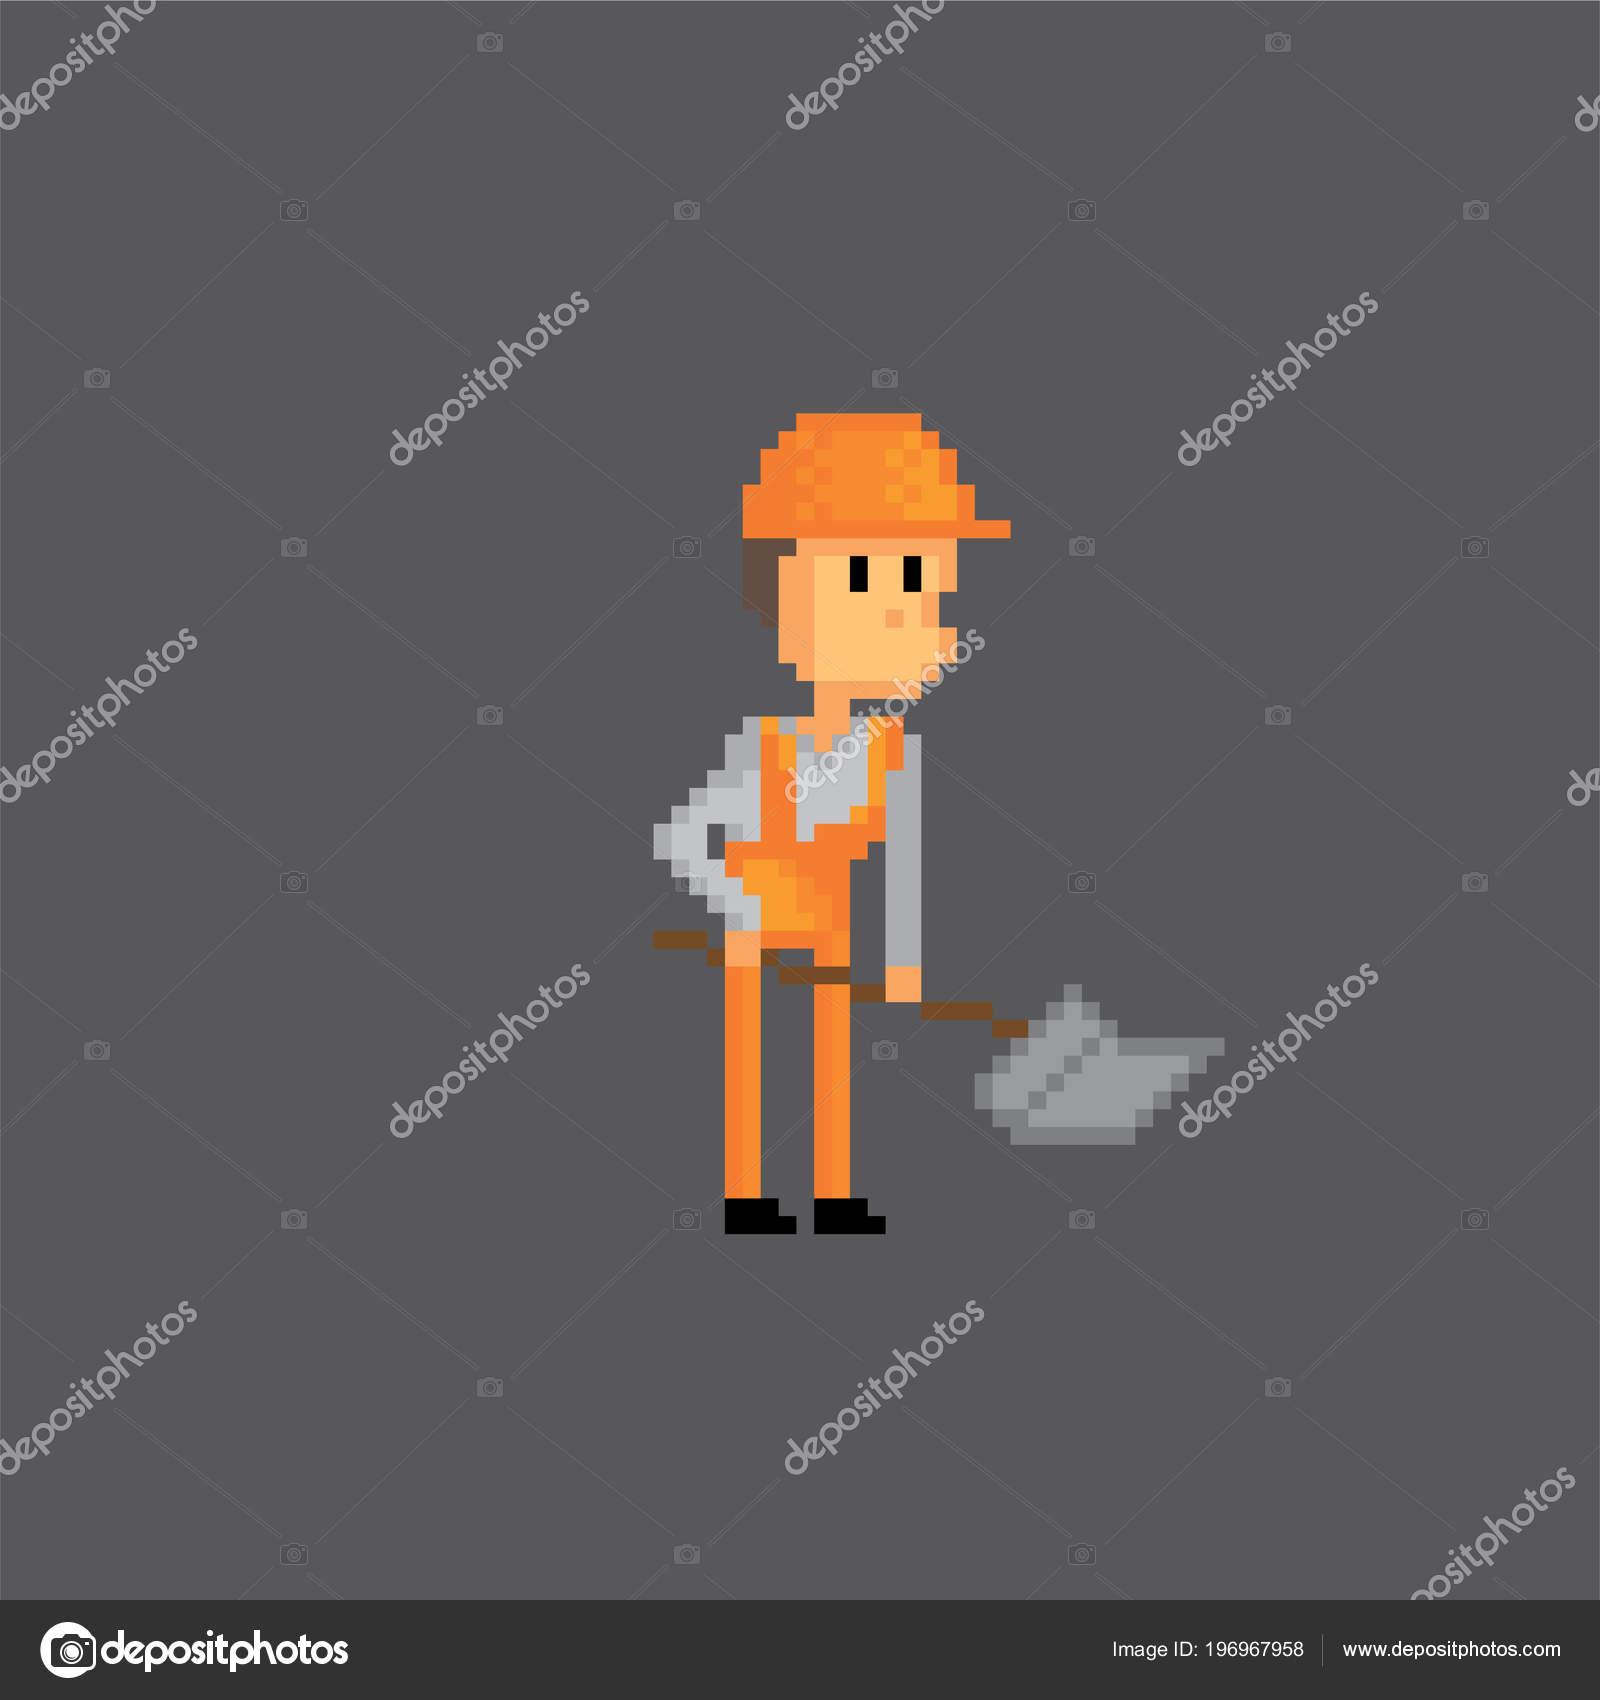 Road worker icon  Pixel art  Old school computer graphic  8 bit